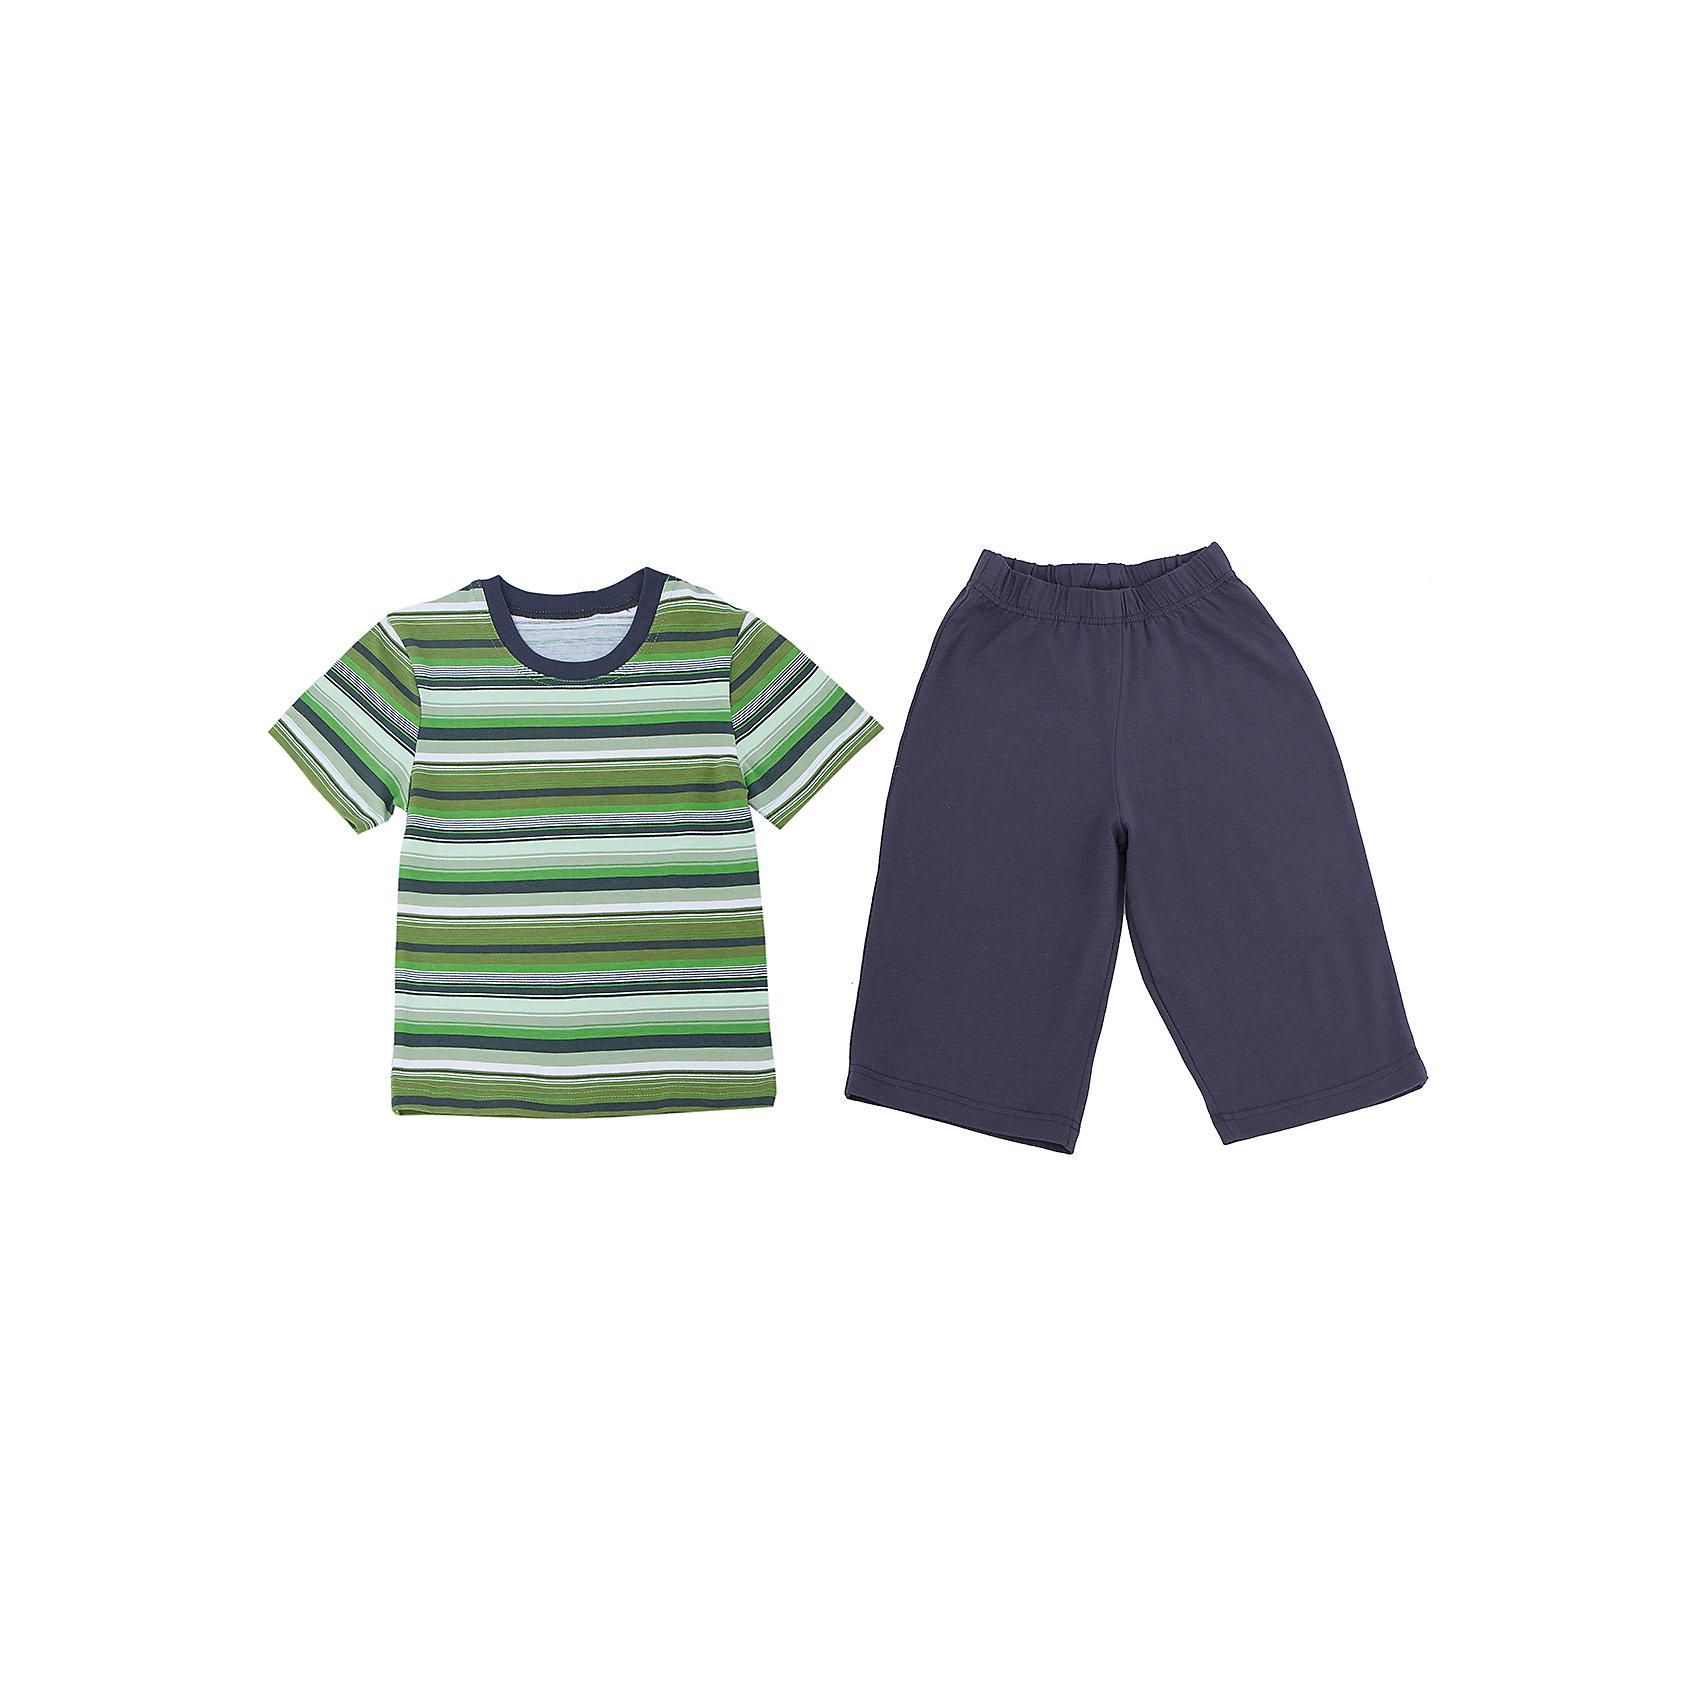 Пижама для мальчика АпрельПижамы и сорочки<br>Пижама для мальчика Апрель.<br><br>Характеристики:<br>• состав: 100% хлопок<br>• цвет: зеленый<br><br>Пижама от марки Апрель изготовлена из мягкого хлопка, приятного на ощупь. Темные шорты хорошо сочетаются с футболкой в полоску. Спать в такой пижаме очень комфортно!<br><br>Пижаму для мальчика Апрель можно приобрести в нашем интернет-магазине.<br><br>Ширина мм: 281<br>Глубина мм: 70<br>Высота мм: 188<br>Вес г: 295<br>Цвет: зеленый<br>Возраст от месяцев: 36<br>Возраст до месяцев: 48<br>Пол: Мужской<br>Возраст: Детский<br>Размер: 104,116,122,110,128<br>SKU: 4936804